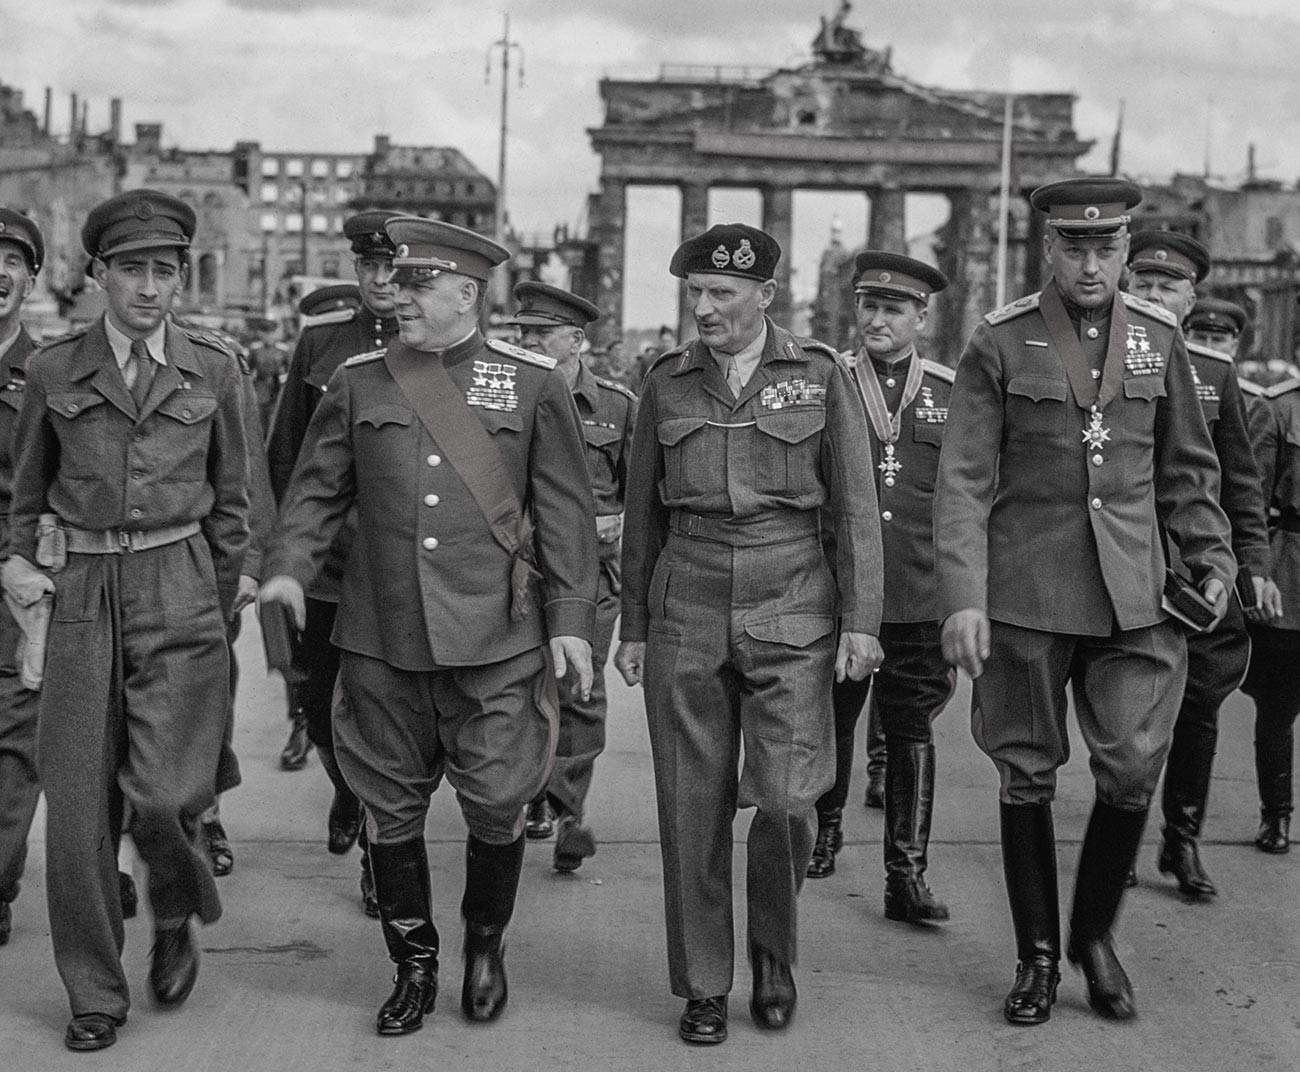 戦争終結後、コンスタンチン・ロコソフスキー(左から2人目)、米将軍バーナード・モントゴメリー(3人目)ゲオルギー・ジューコフ(右)がベルリンにて